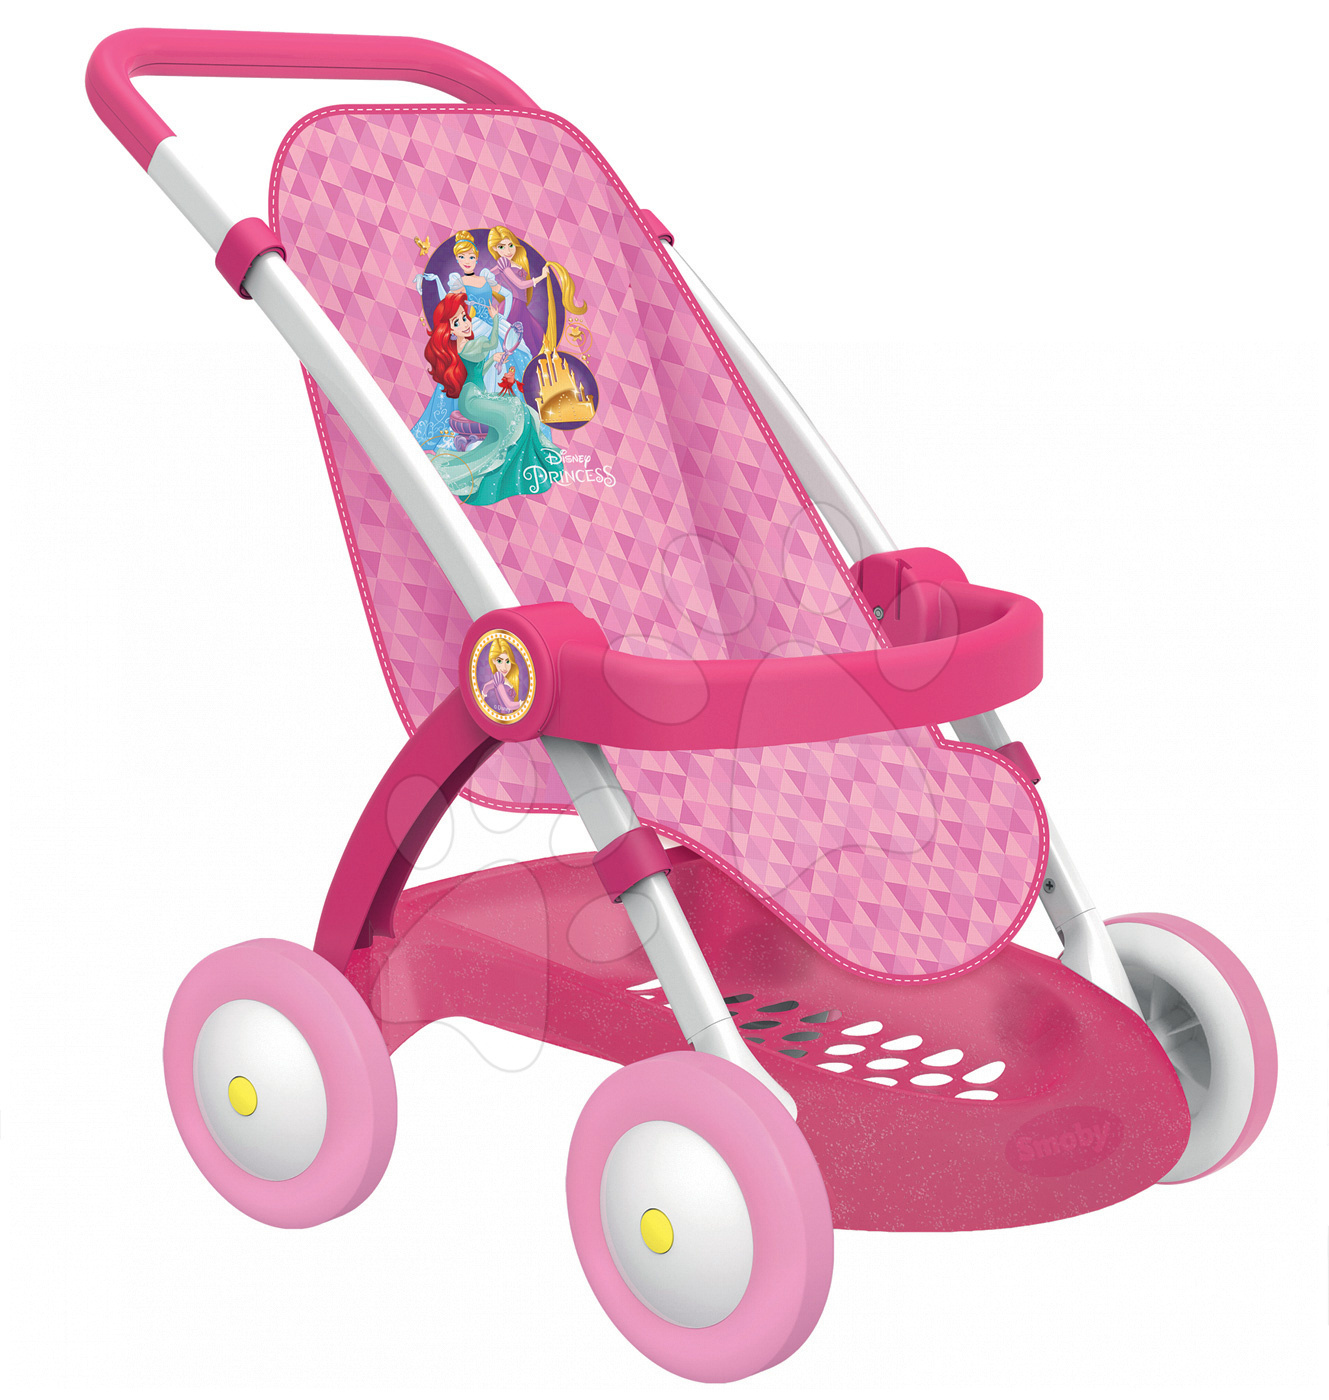 Športový detský kočík pre bábiku Disney Princezné od 18 mesiacov 254011 ružový